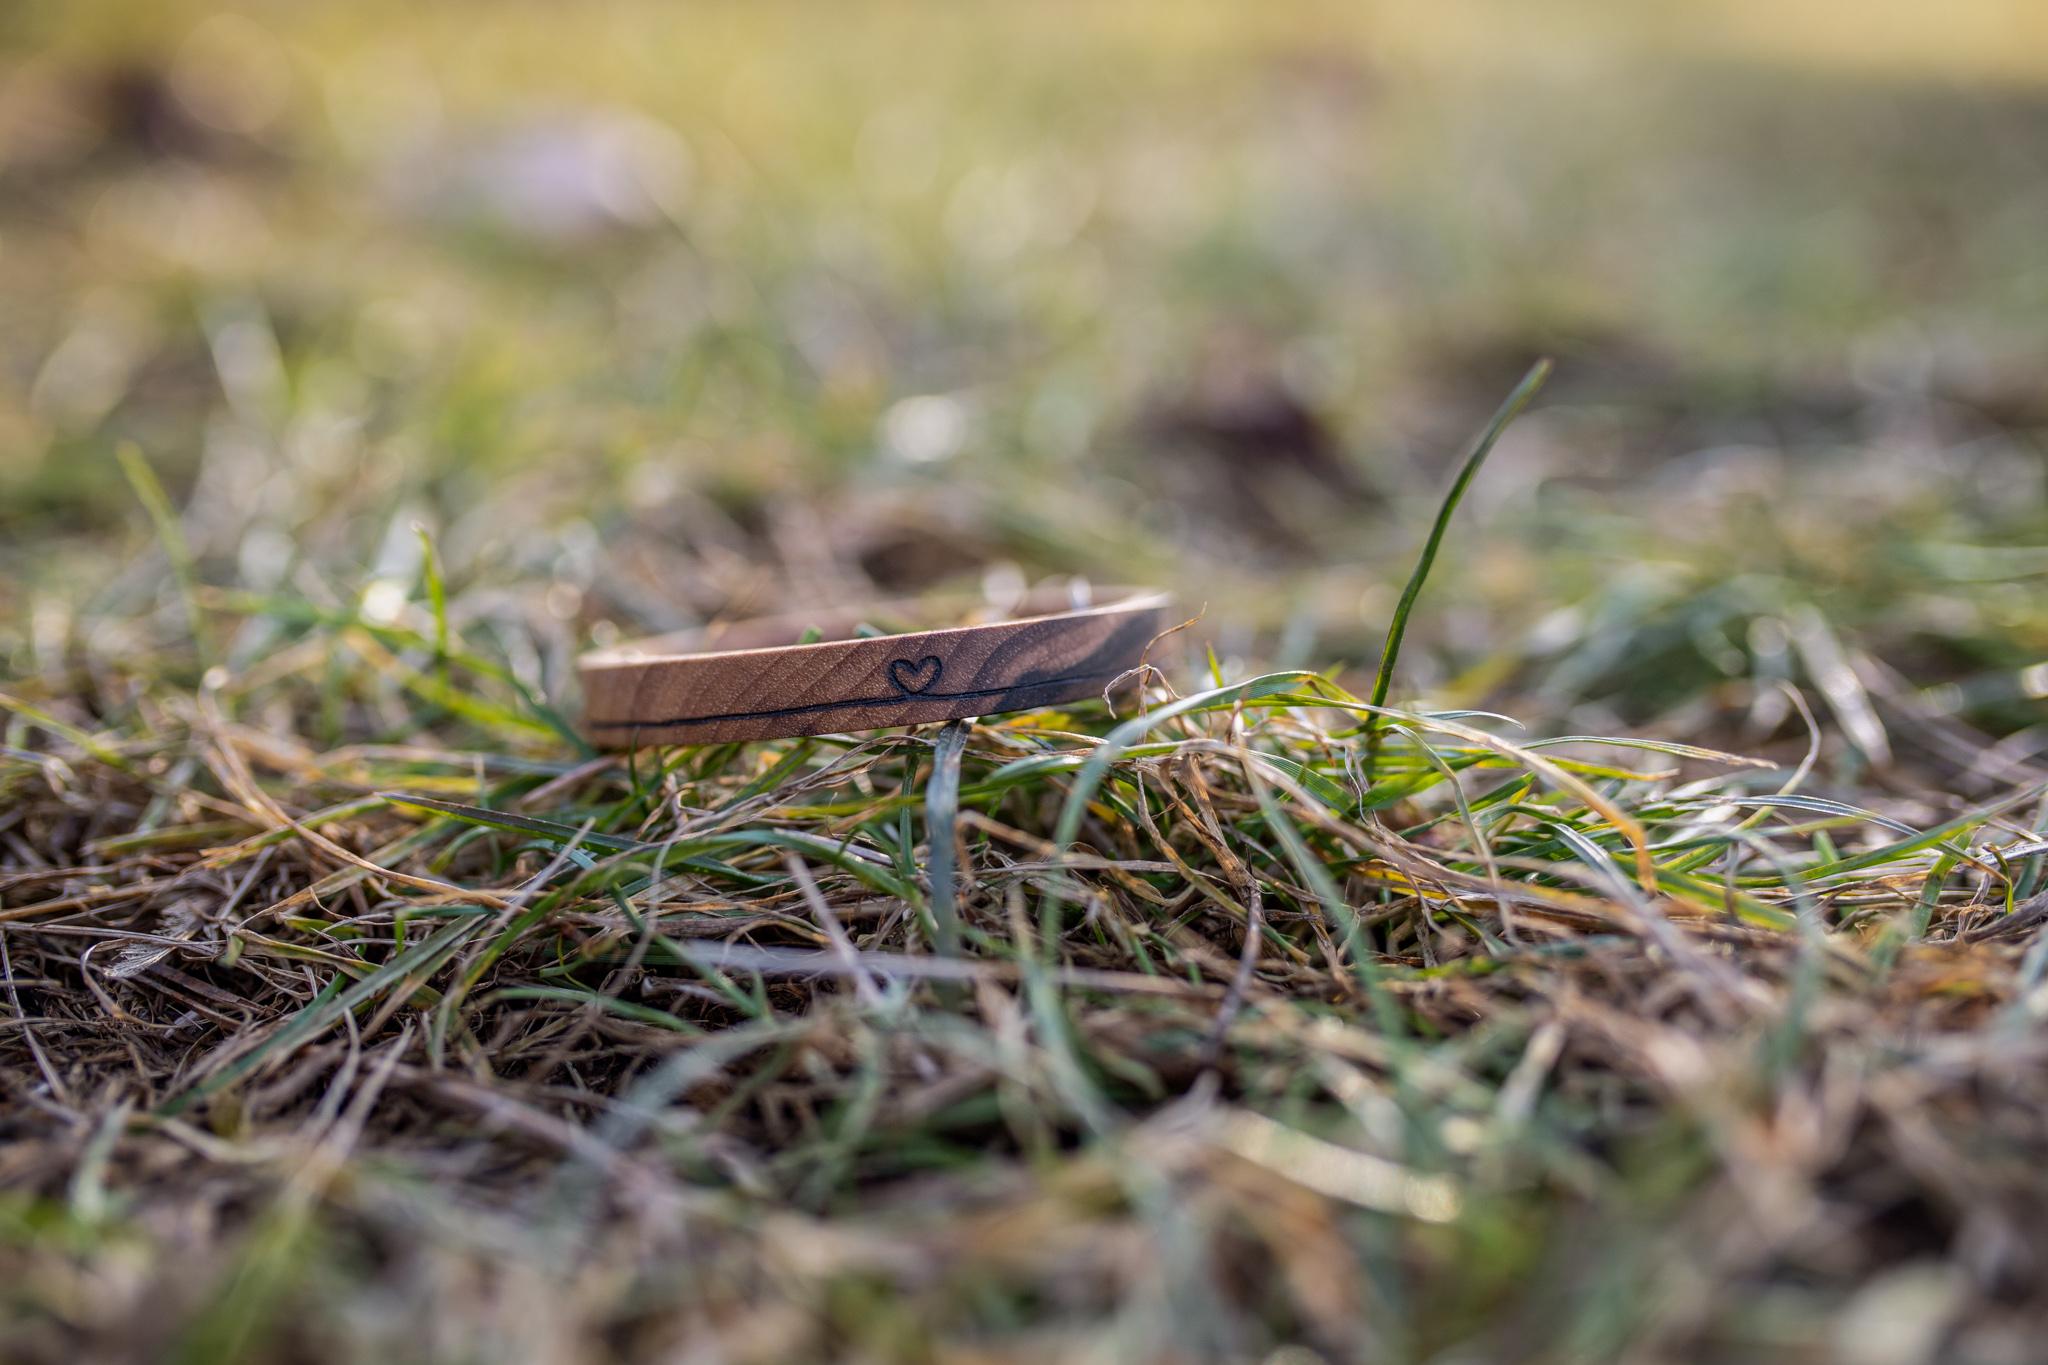 Celodřevěný náramek s nekonečnou láskou ... Náramky jsou vyrobeny z ořechového, třešňového, dubového, a jasanového dřeva a jsou ošetřeny přírodní směsí Odie's oil. (Vyrobeno ručně)